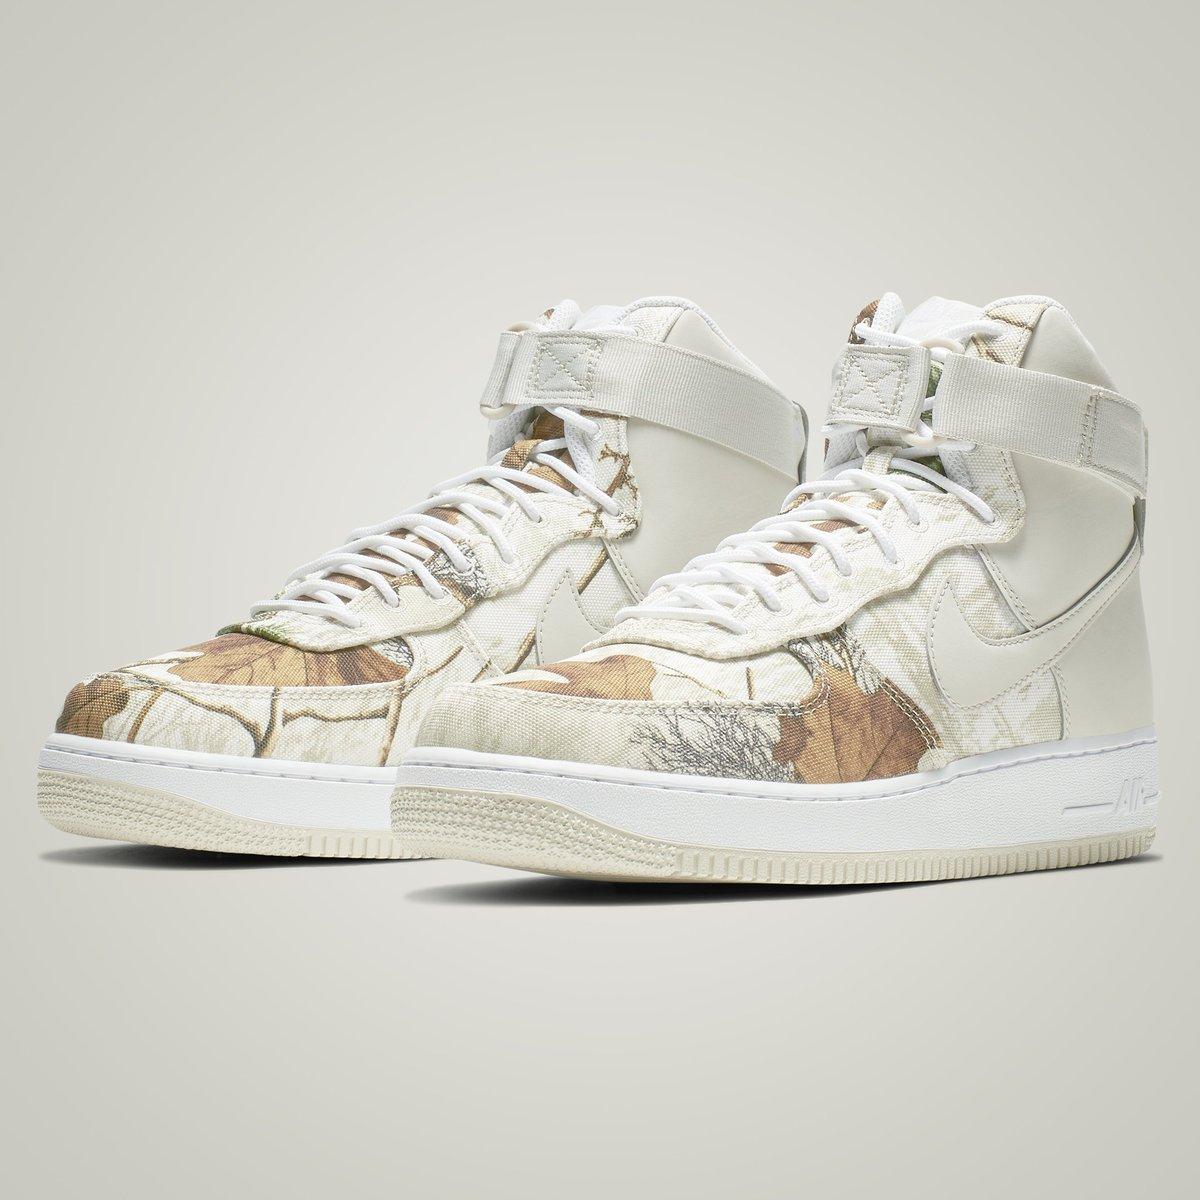 aacbf653a3 GB'S Sneaker Shop on Twitter: